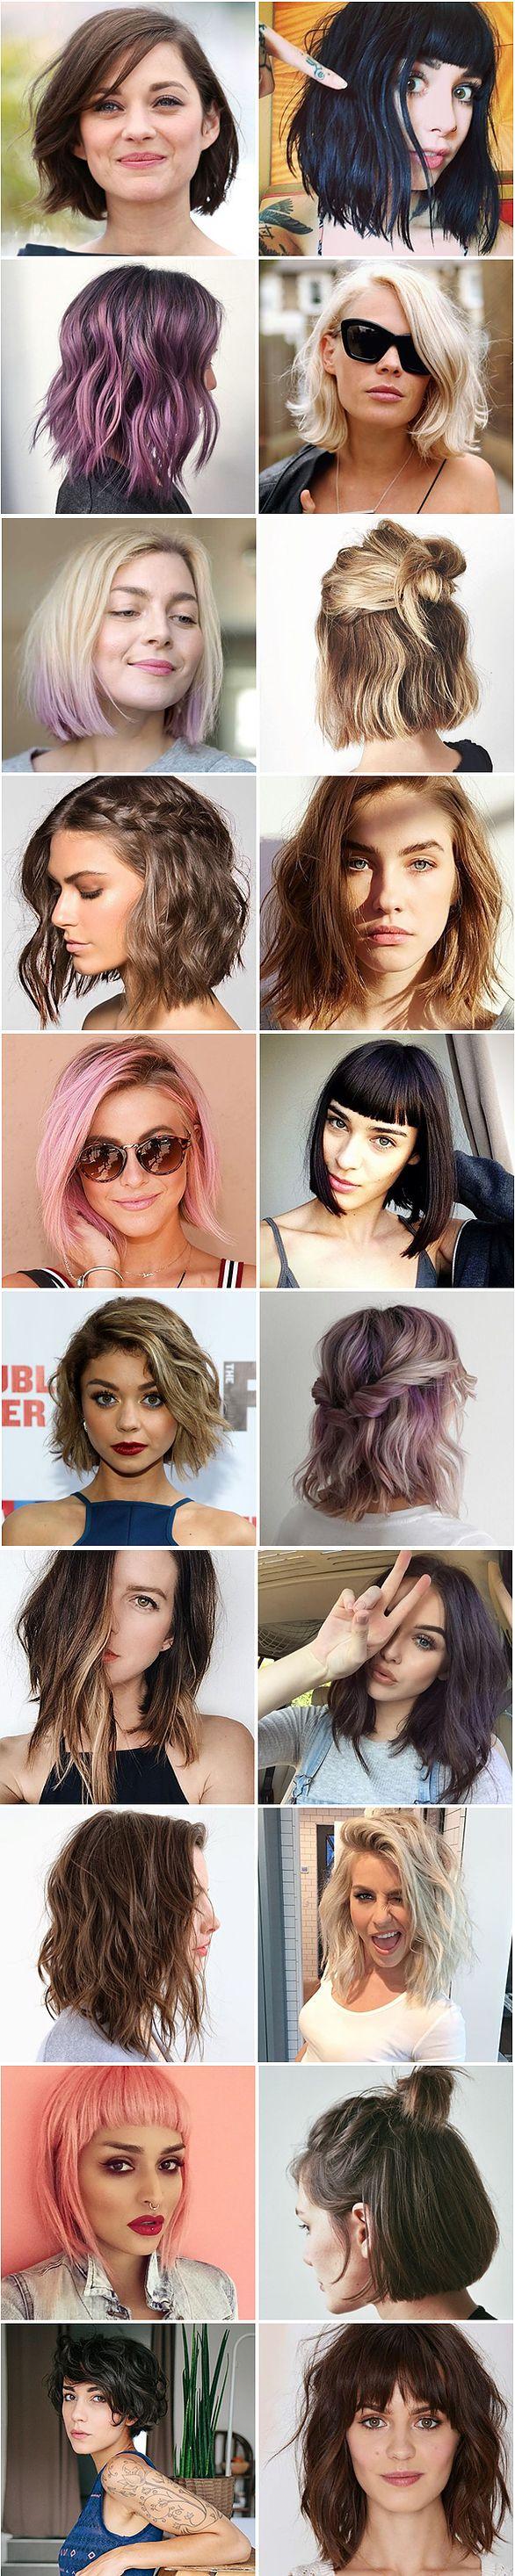 20 cabelos curtos pra você se inspirar!